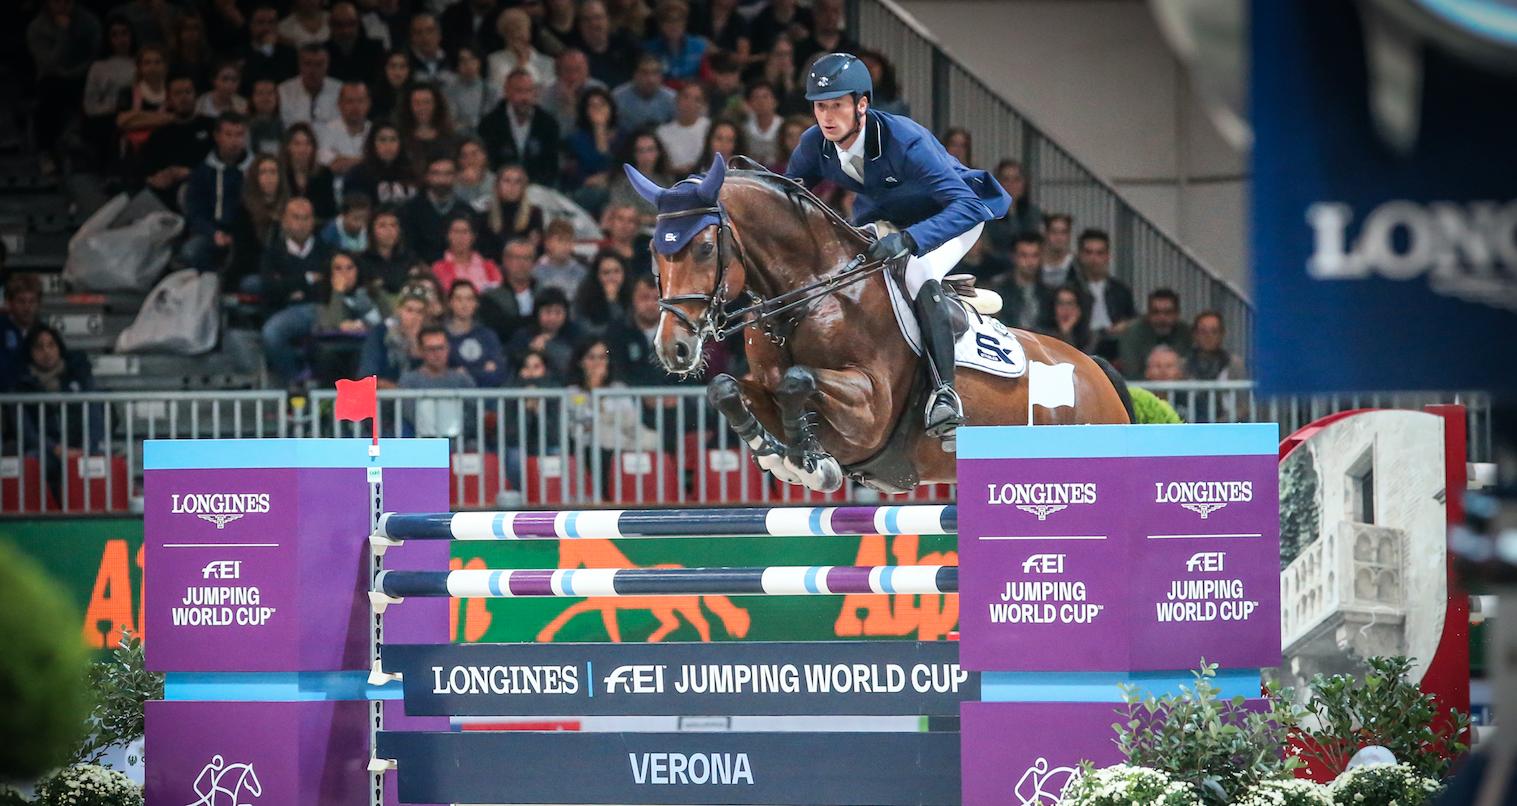 Verona: Daniel Deußer fliegt zum Weltcup-Sieg